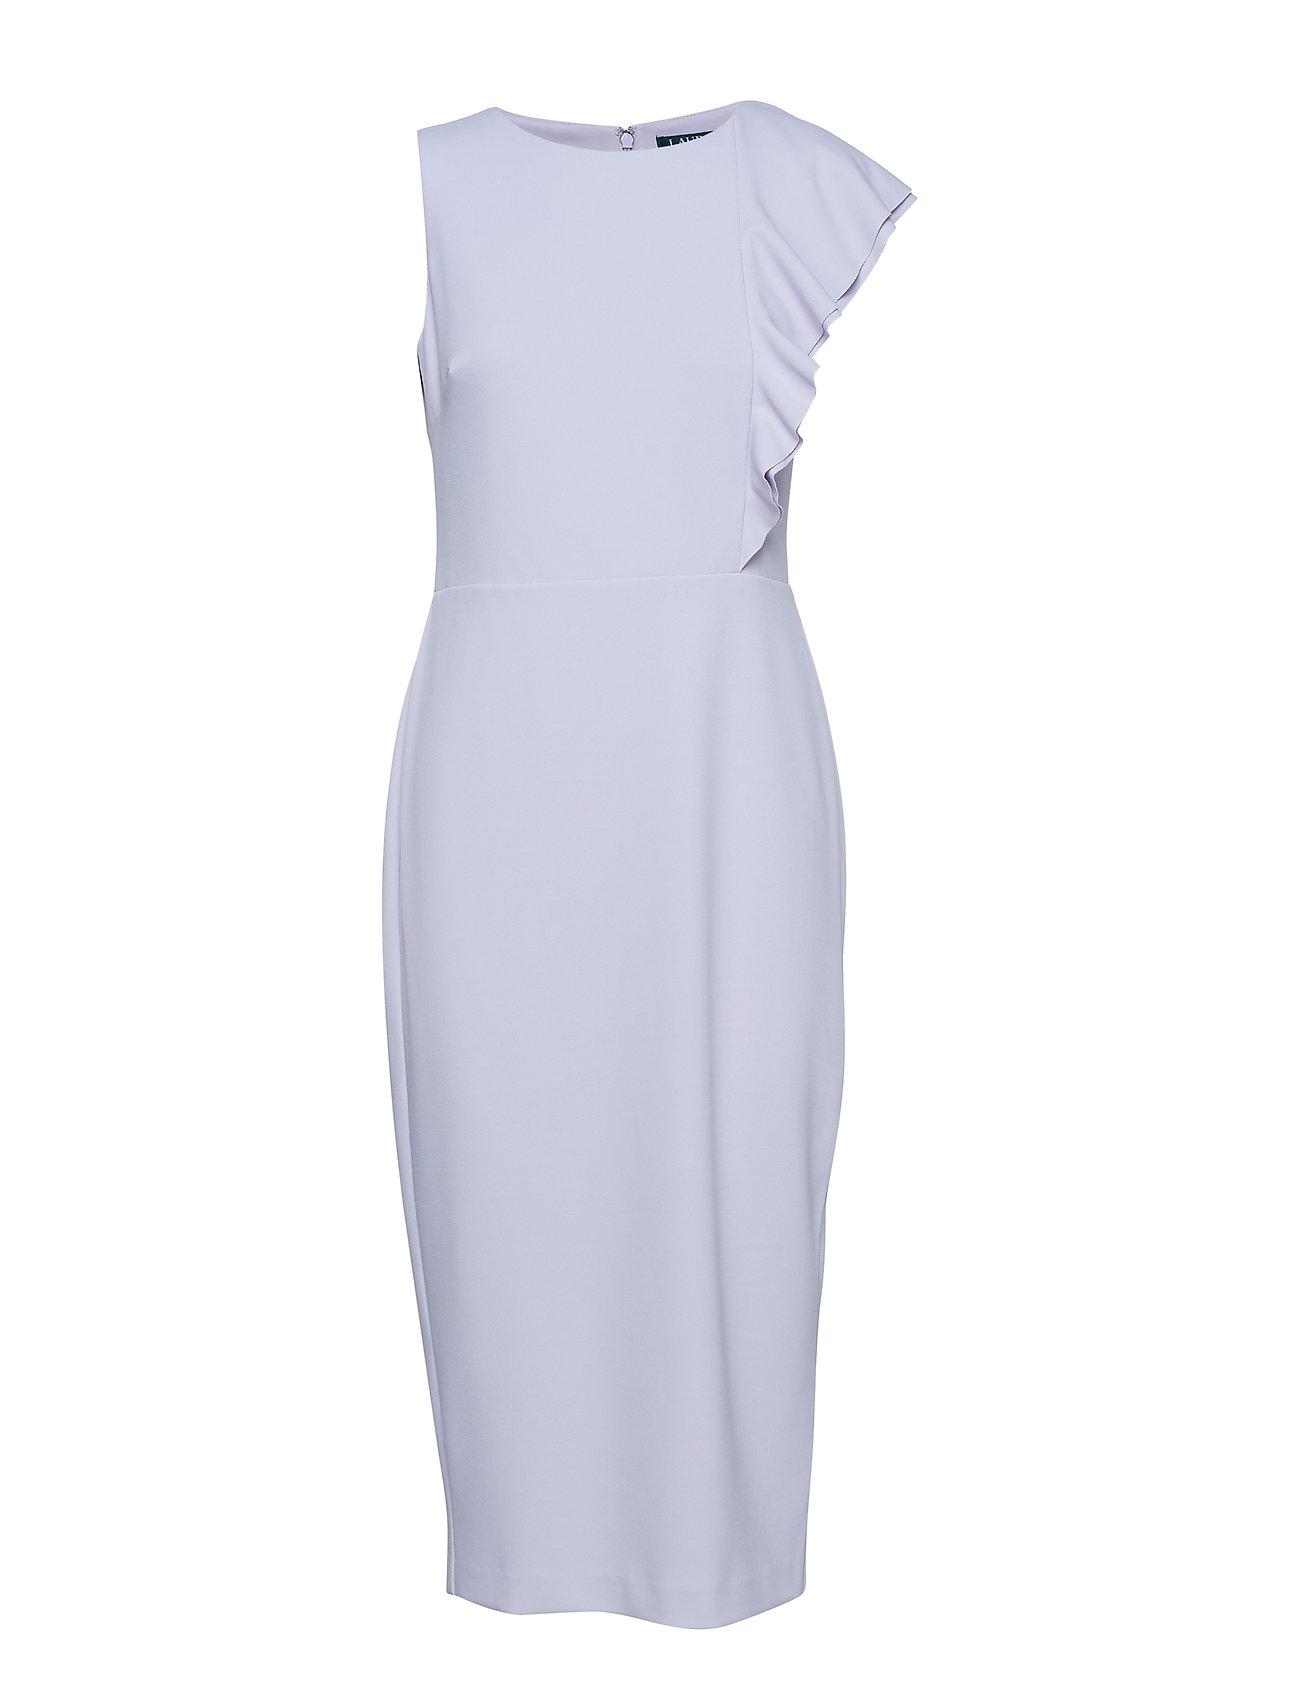 Lauren Ralph Lauren Ruffle-Trim Crepe Dress - FRESH ORCHID